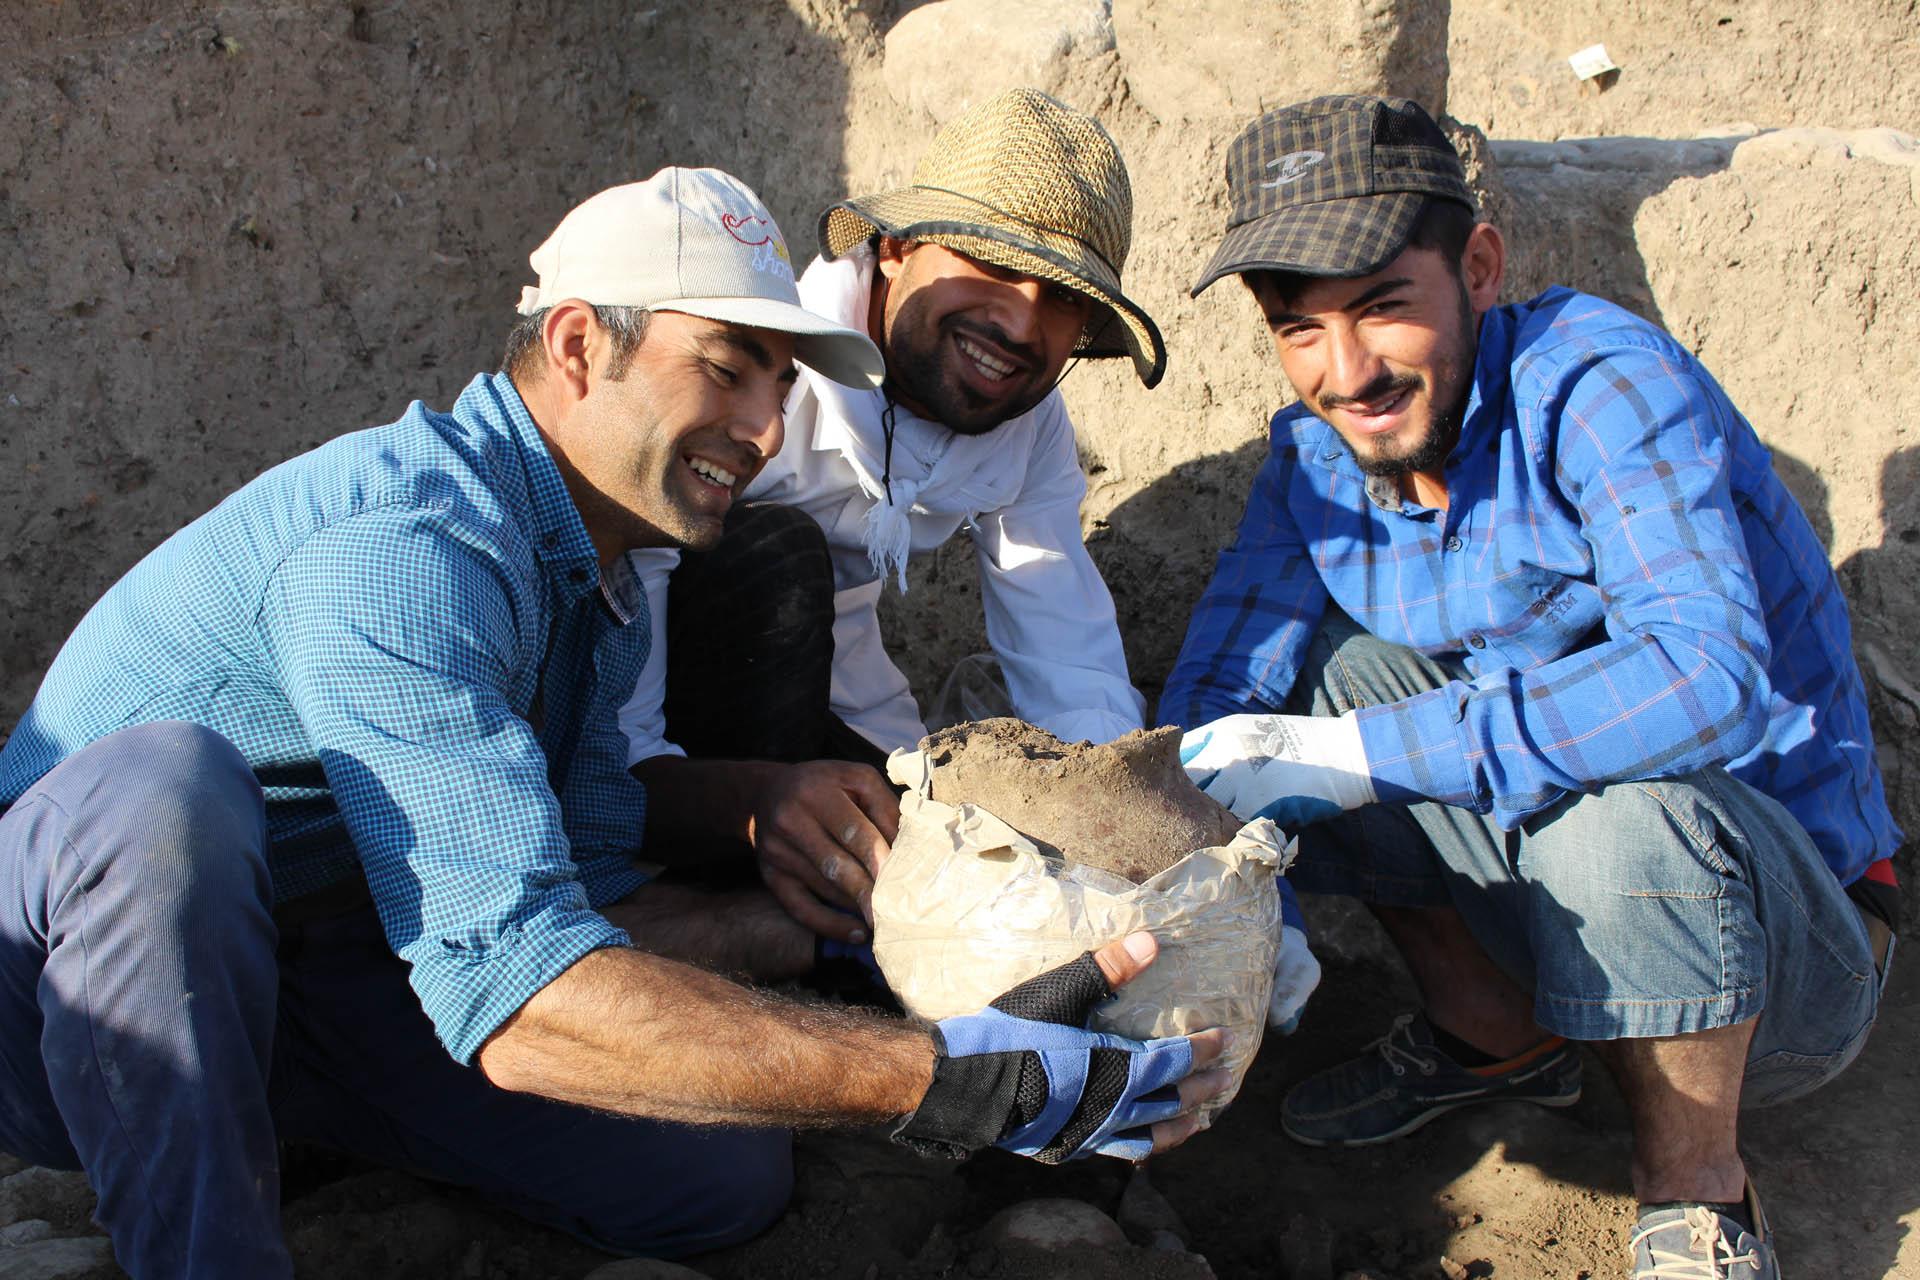 ELTE BTK Kurdisztán régészeti expedíció. Ásatás Irakban, Sumer, Babilon és Asszíria ősi földjén